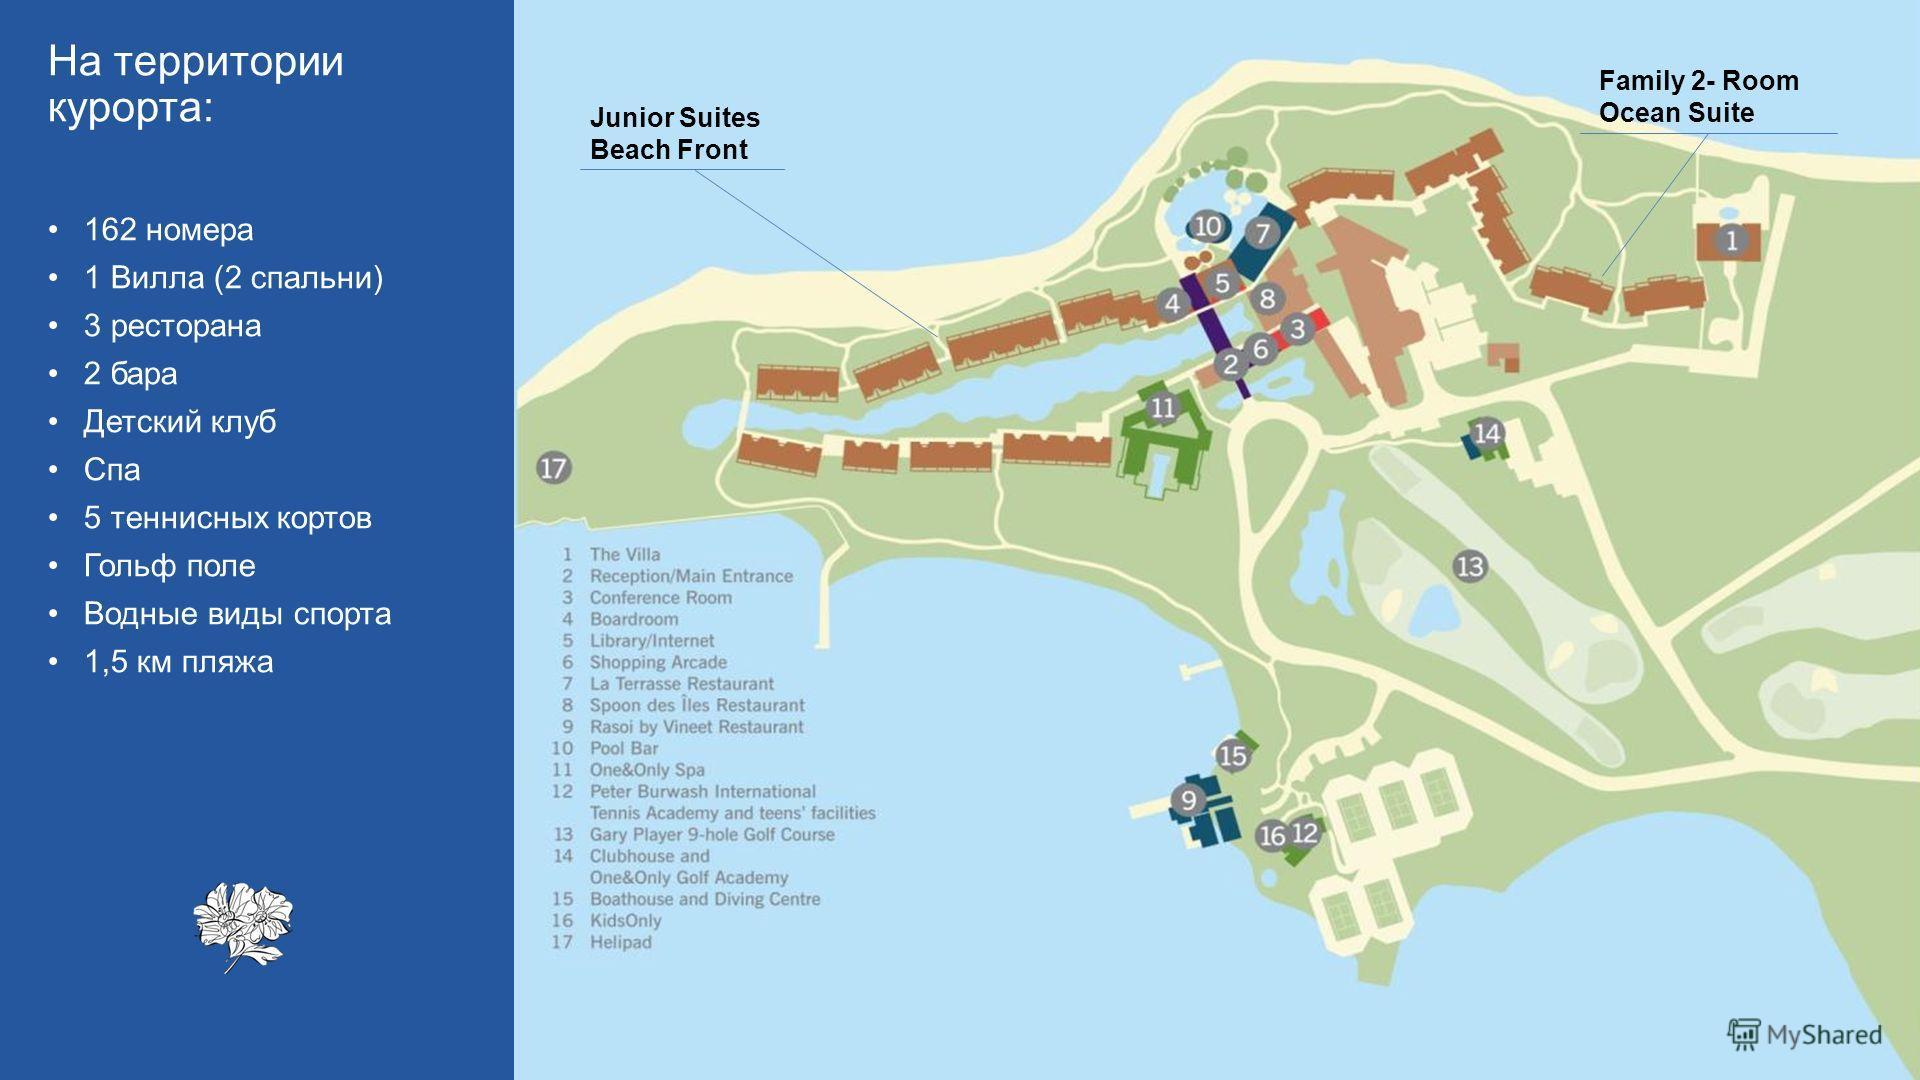 Family 2- Room Ocean Suite Junior Suites Beach Front На территории курорта: 162 номера 1 Вилла (2 спальни) 3 ресторана 2 бара Детский клуб Спа 5 теннисных кортов Гольф поле Водные виды спорта 1,5 км пляжа